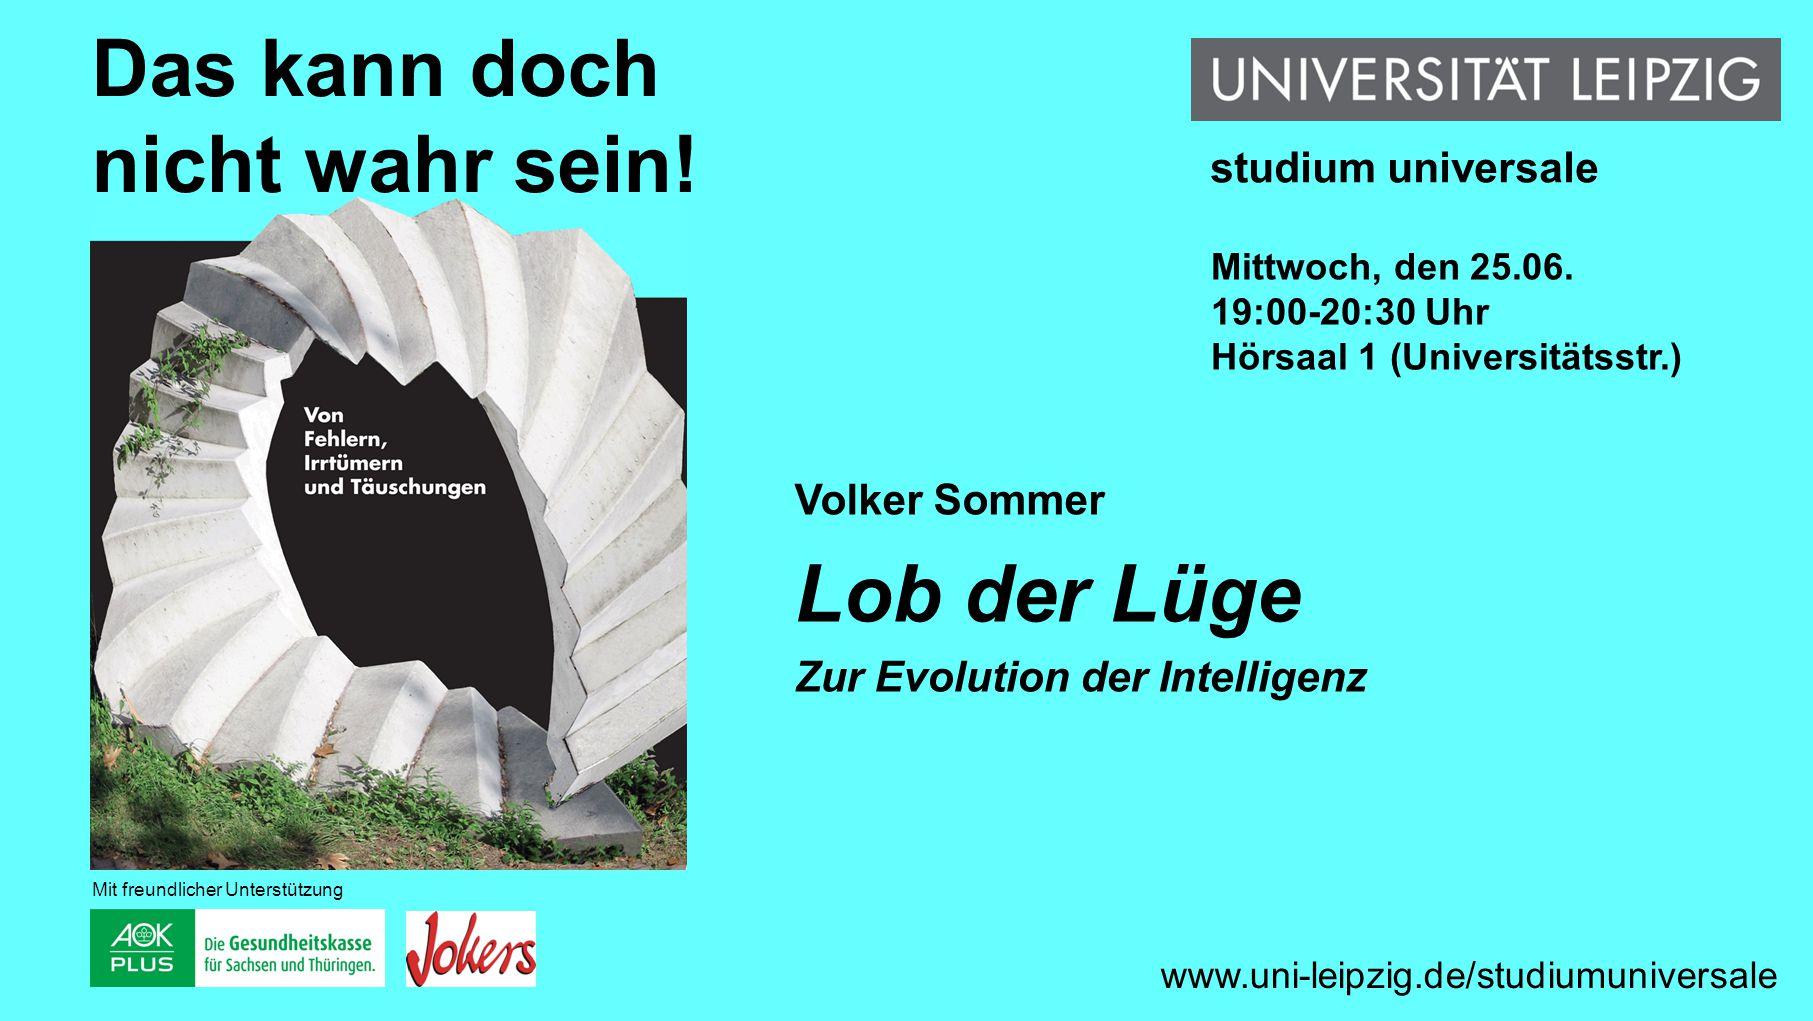 Sabine Tanz Fiktion, Verfälschung und Fälschung im Mittelalter www.uni-leipzig.de/studiumuniversale Das kann doch nicht wahr sein.